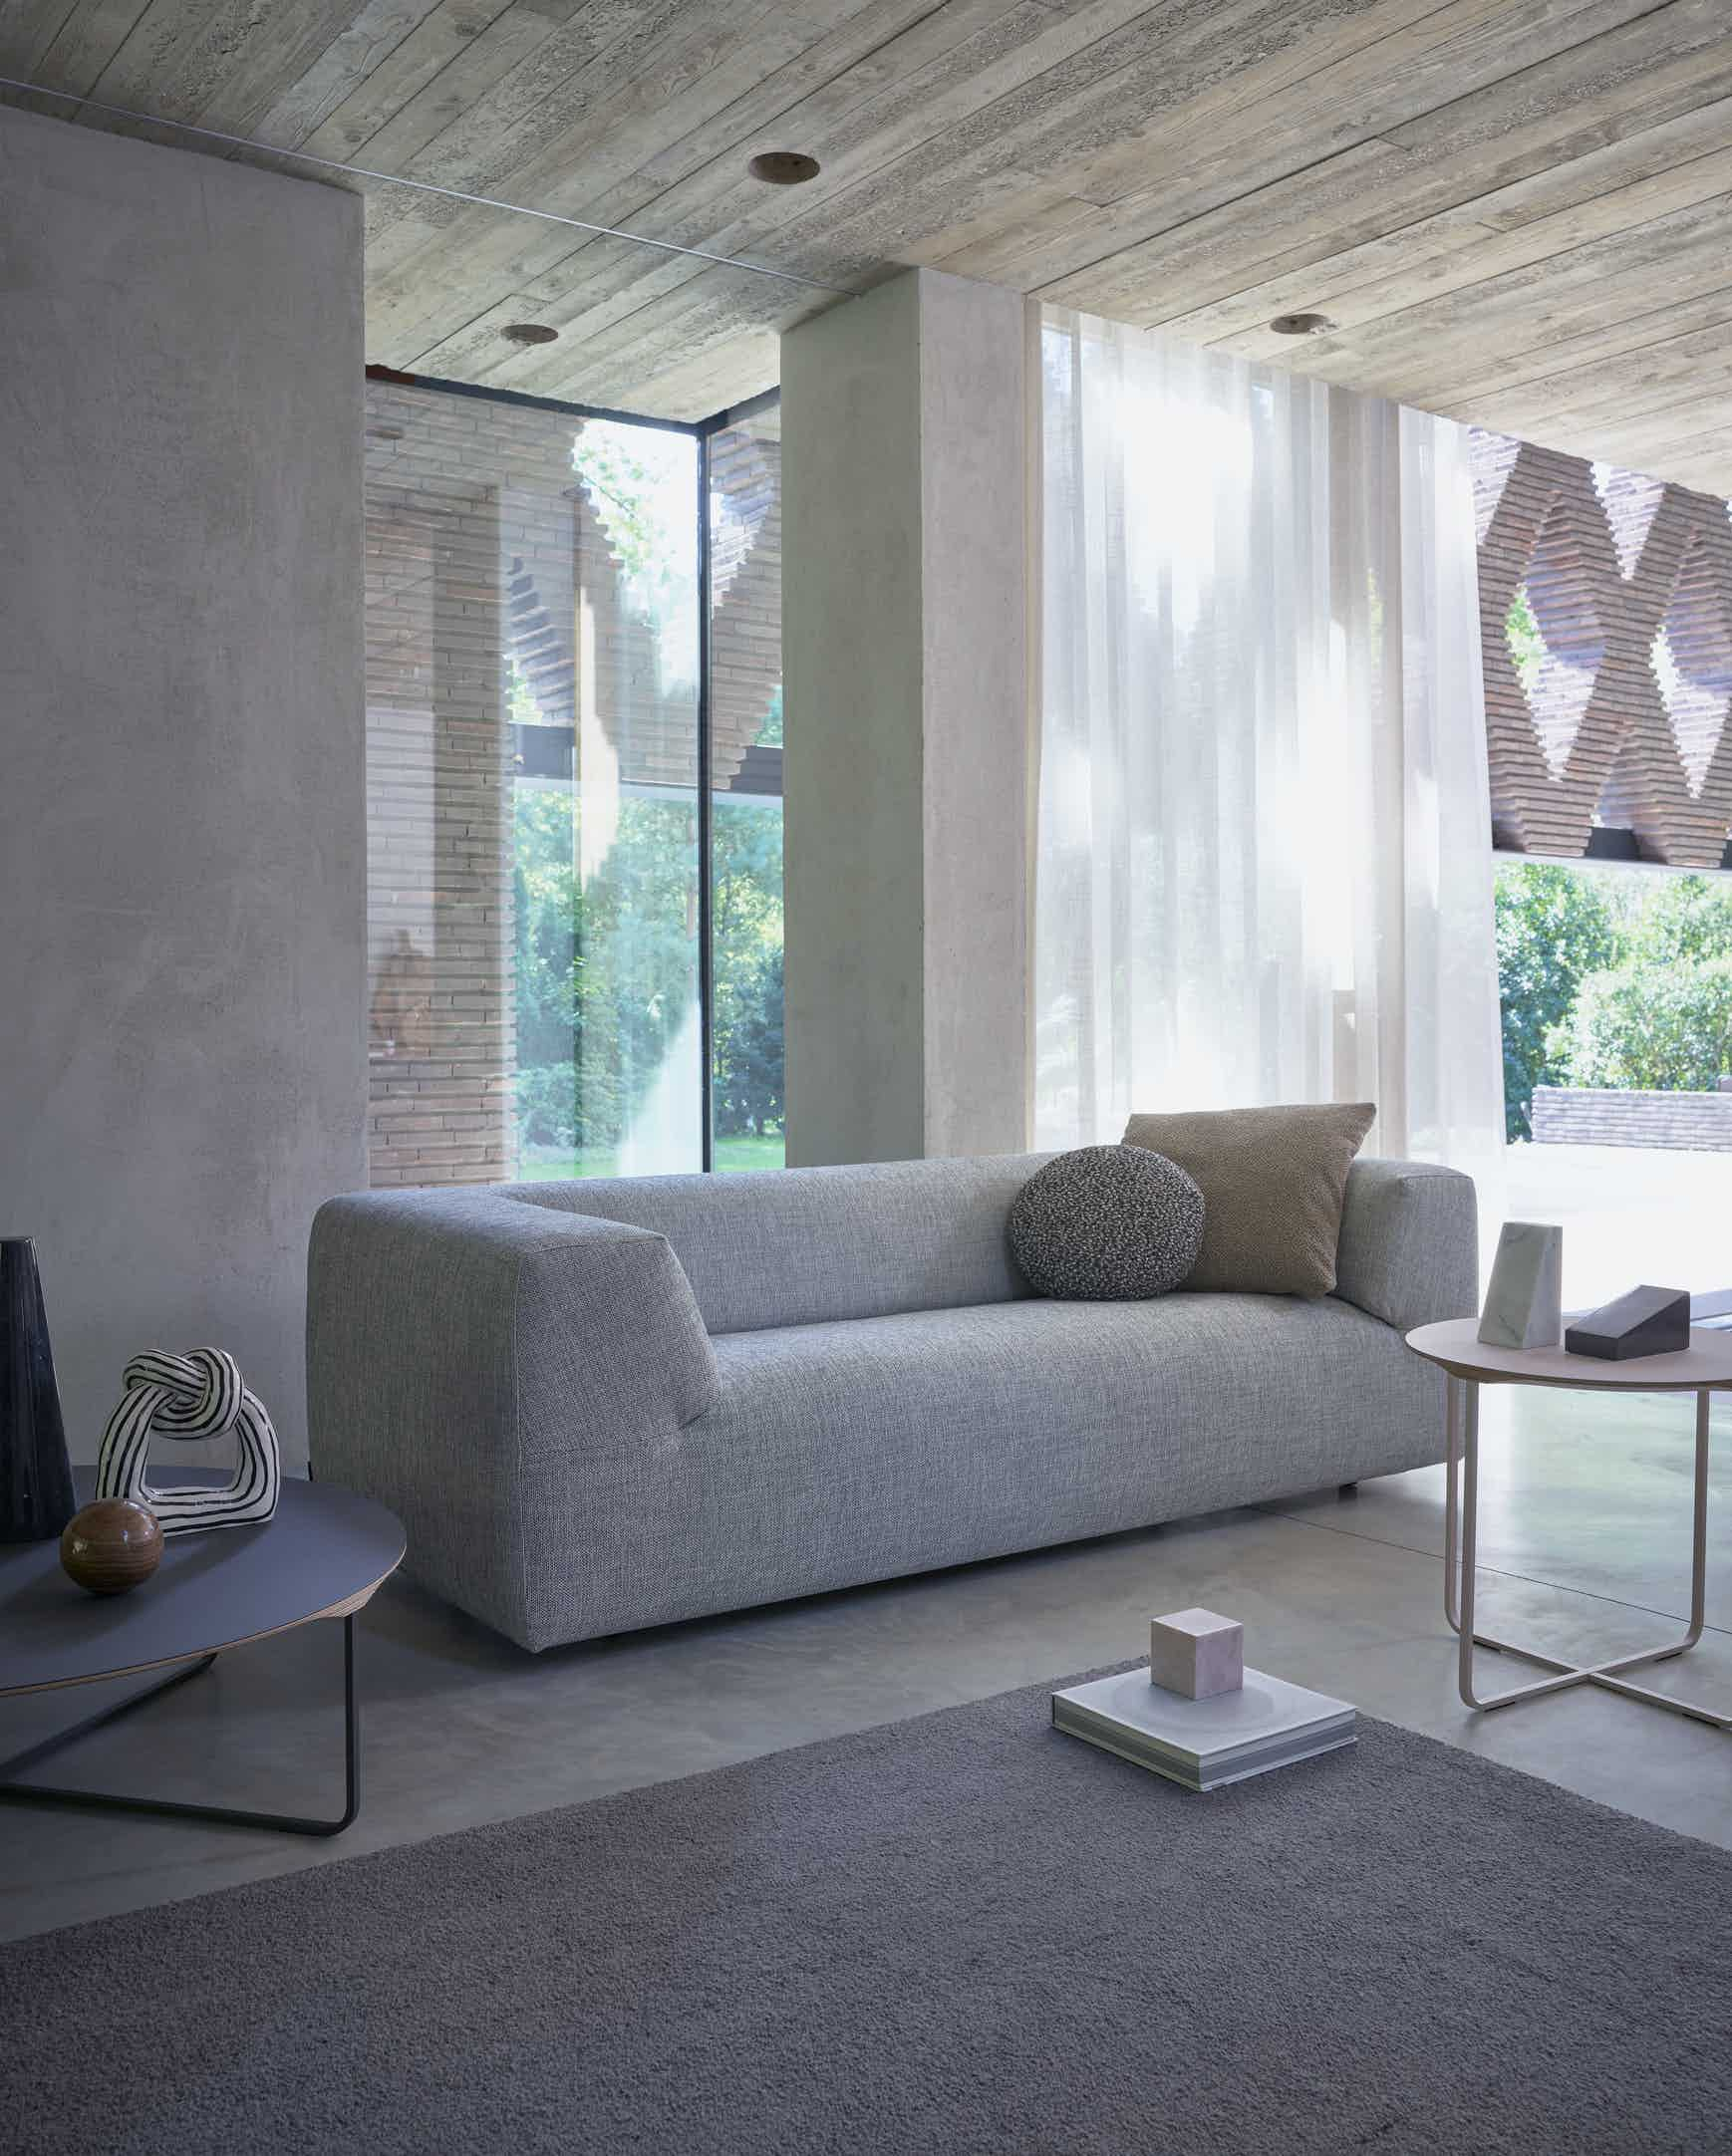 Montis aztec sofa grey insitu haute living